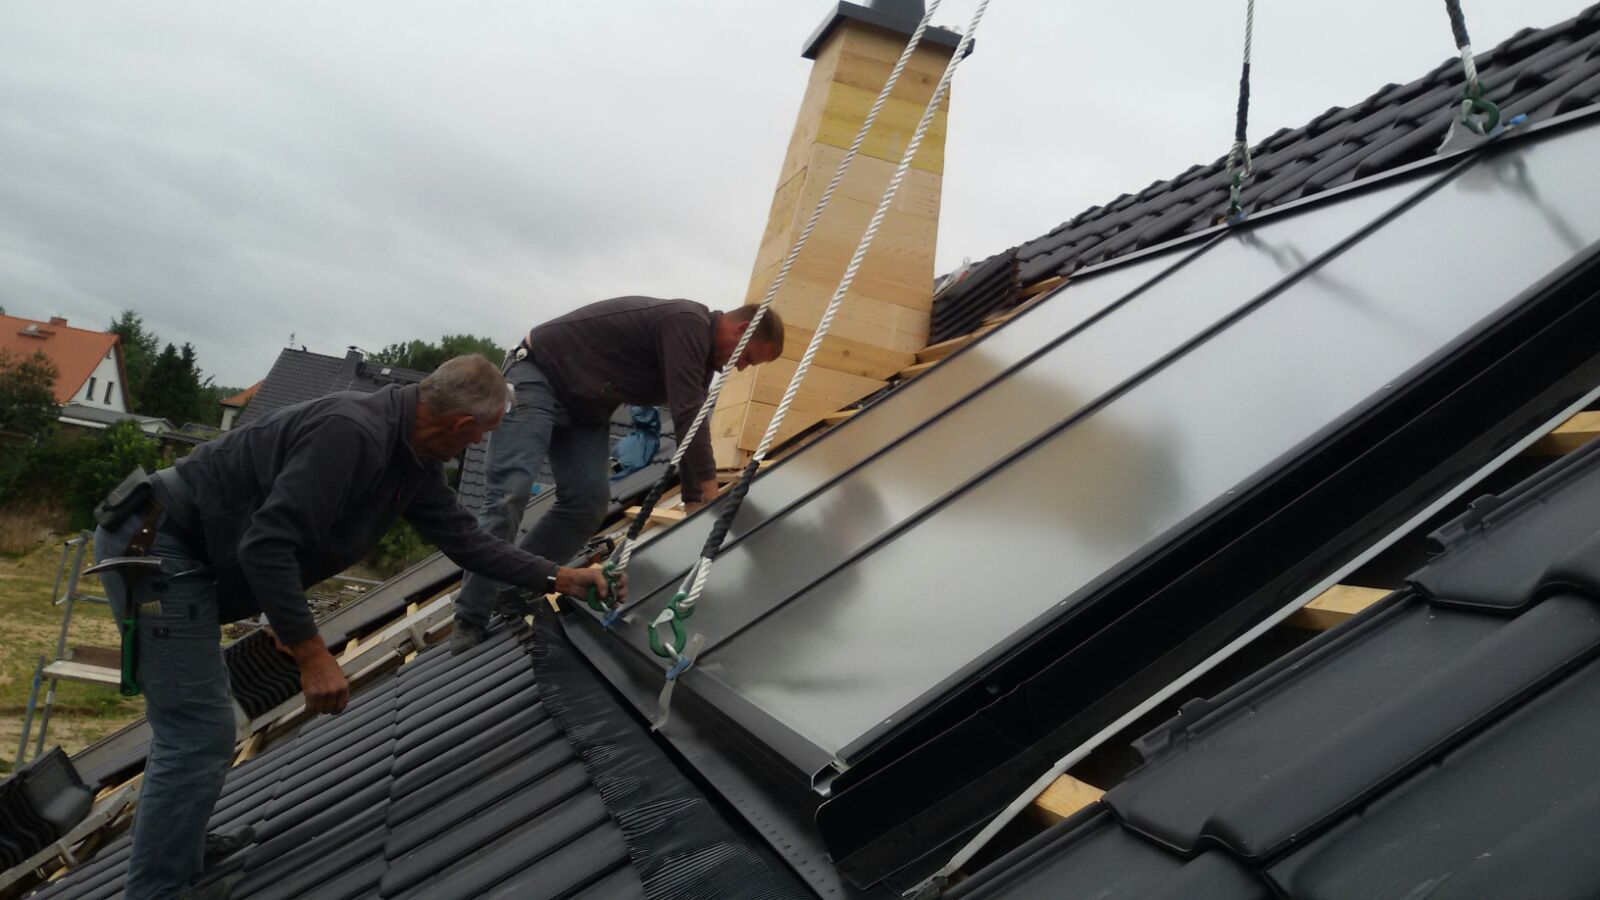 Einbau eines Braas  Solar Kollektor TK 6  zur Warmwasseraufbereitung und Heizungsunterstützung mit einen Hochkran